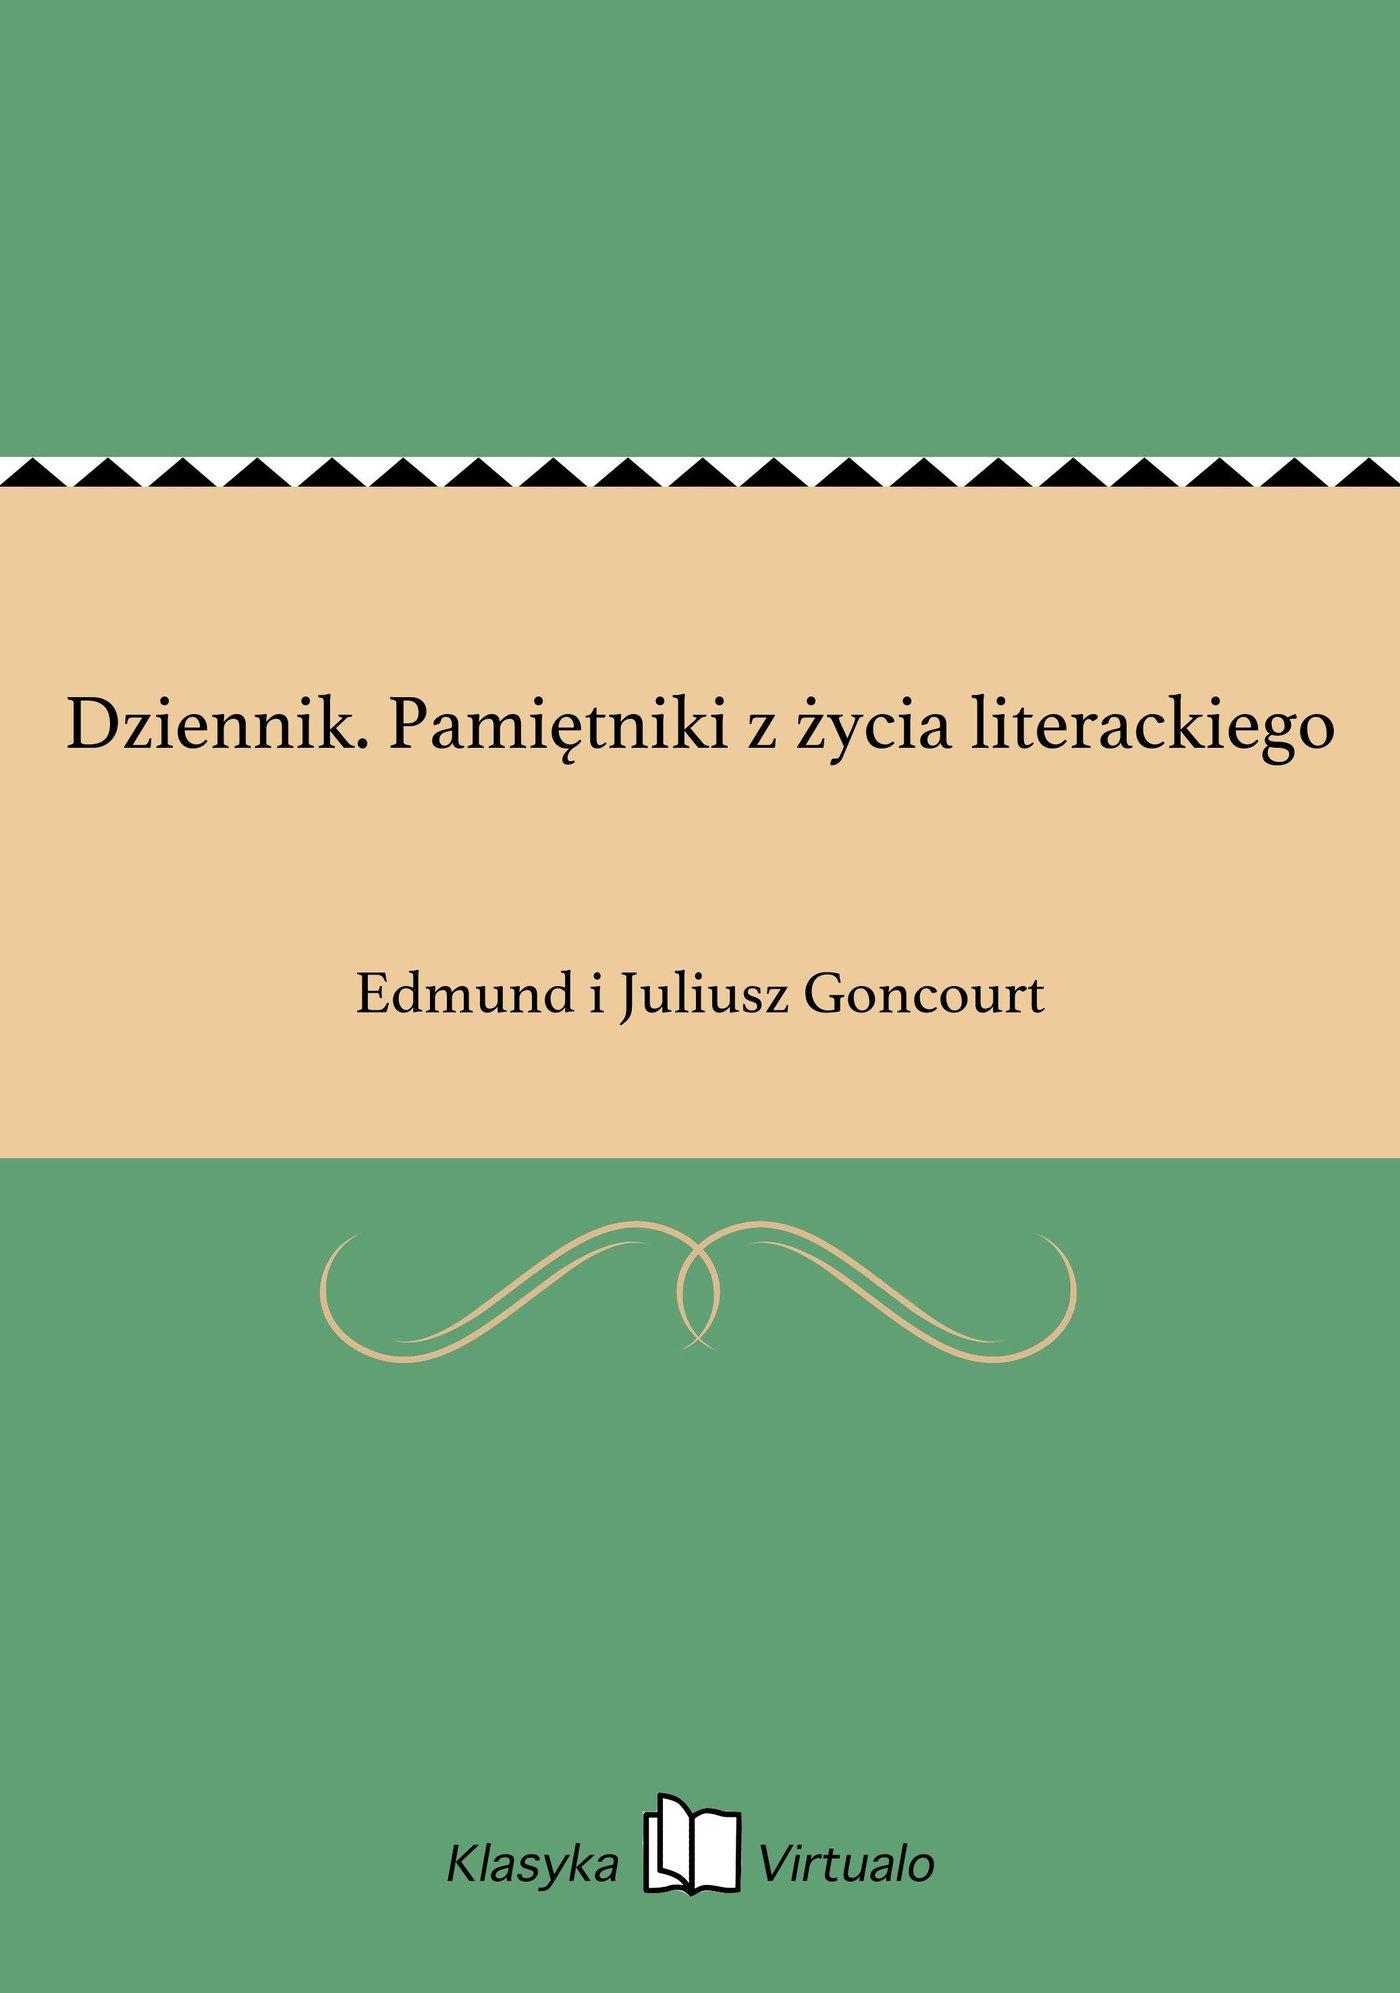 Dziennik. Pamiętniki z życia literackiego - Ebook (Książka na Kindle) do pobrania w formacie MOBI